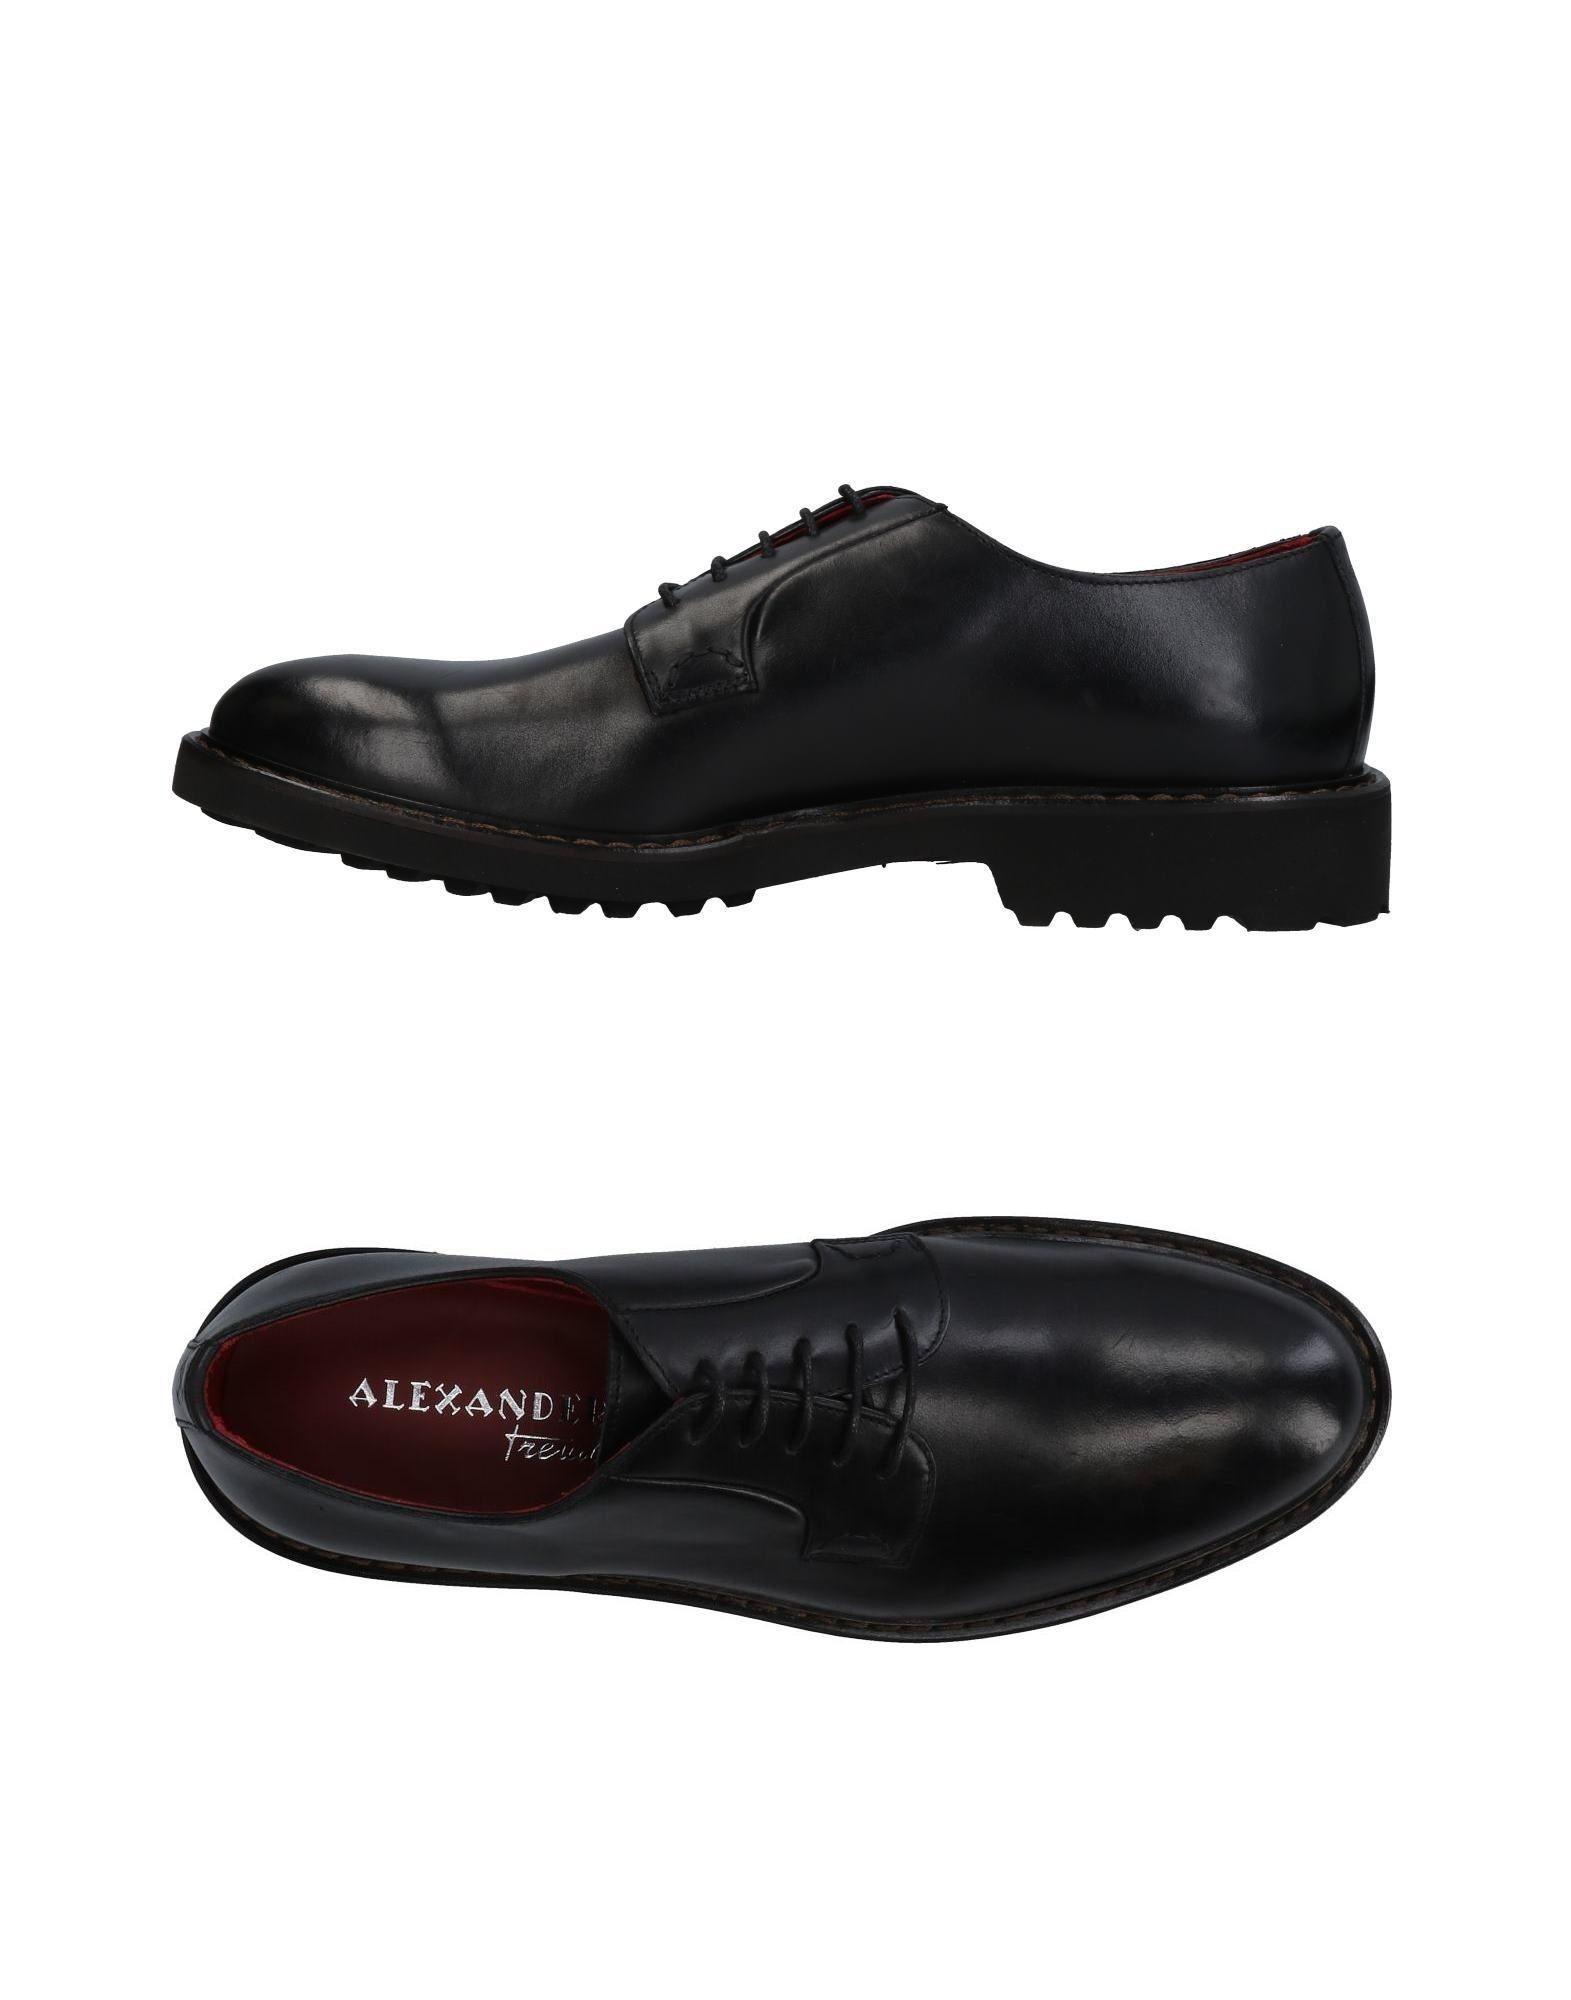 Alexander Trend Schnürschuhe Herren  11455826SG Neue Schuhe